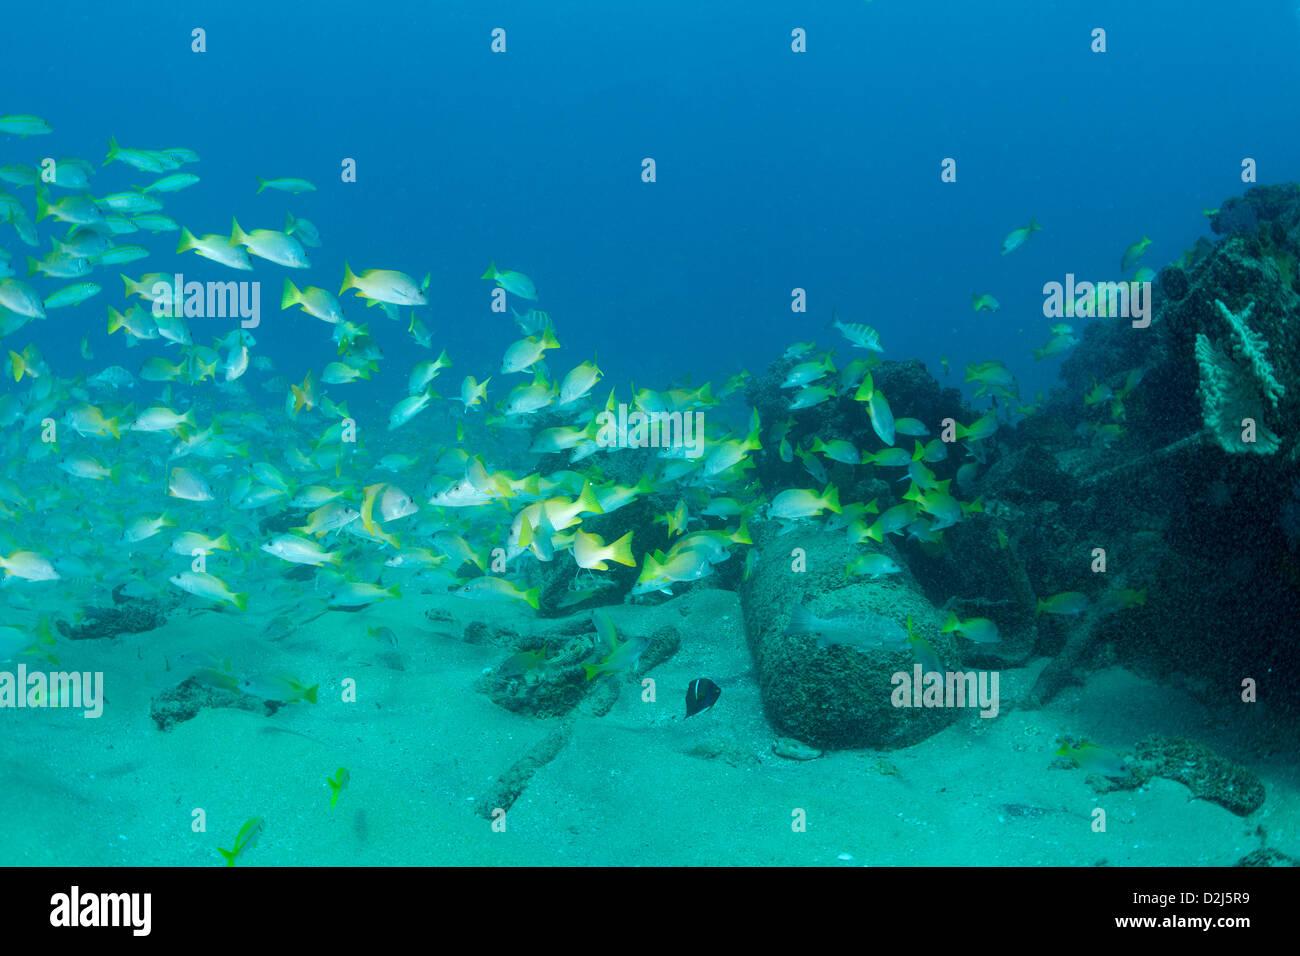 Yellowtail marine